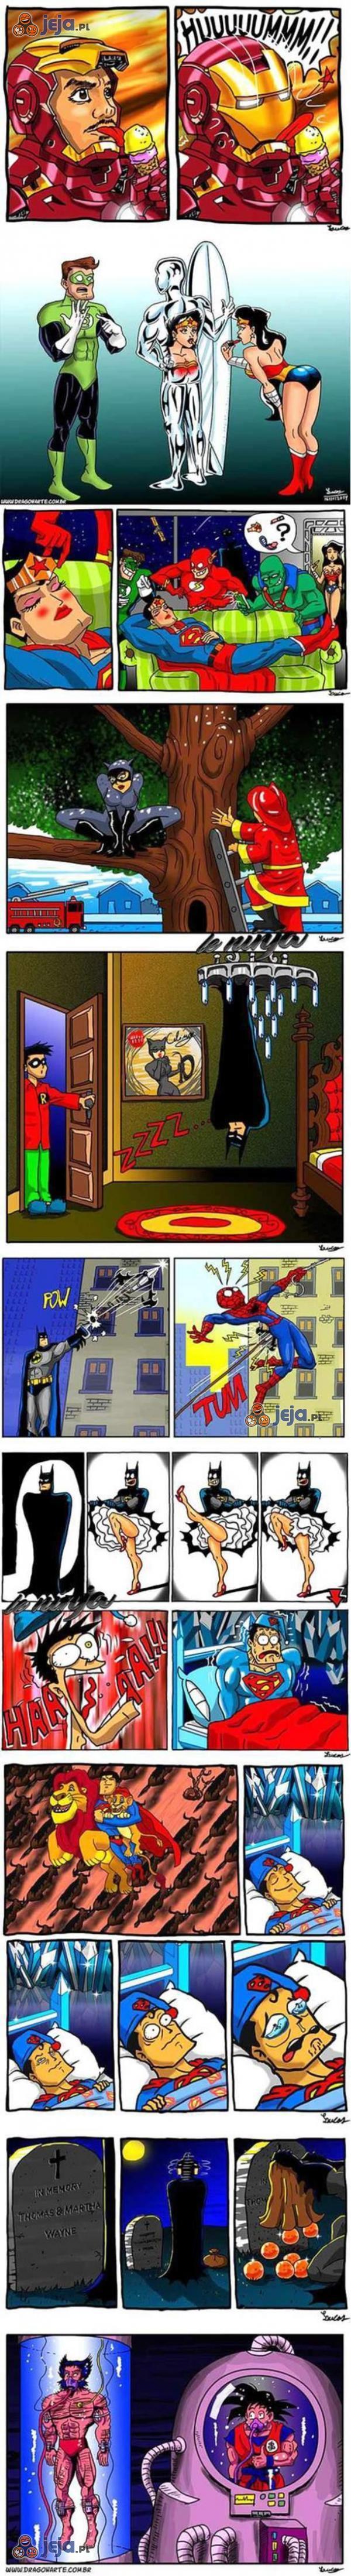 Codzienne życie superbohaterów